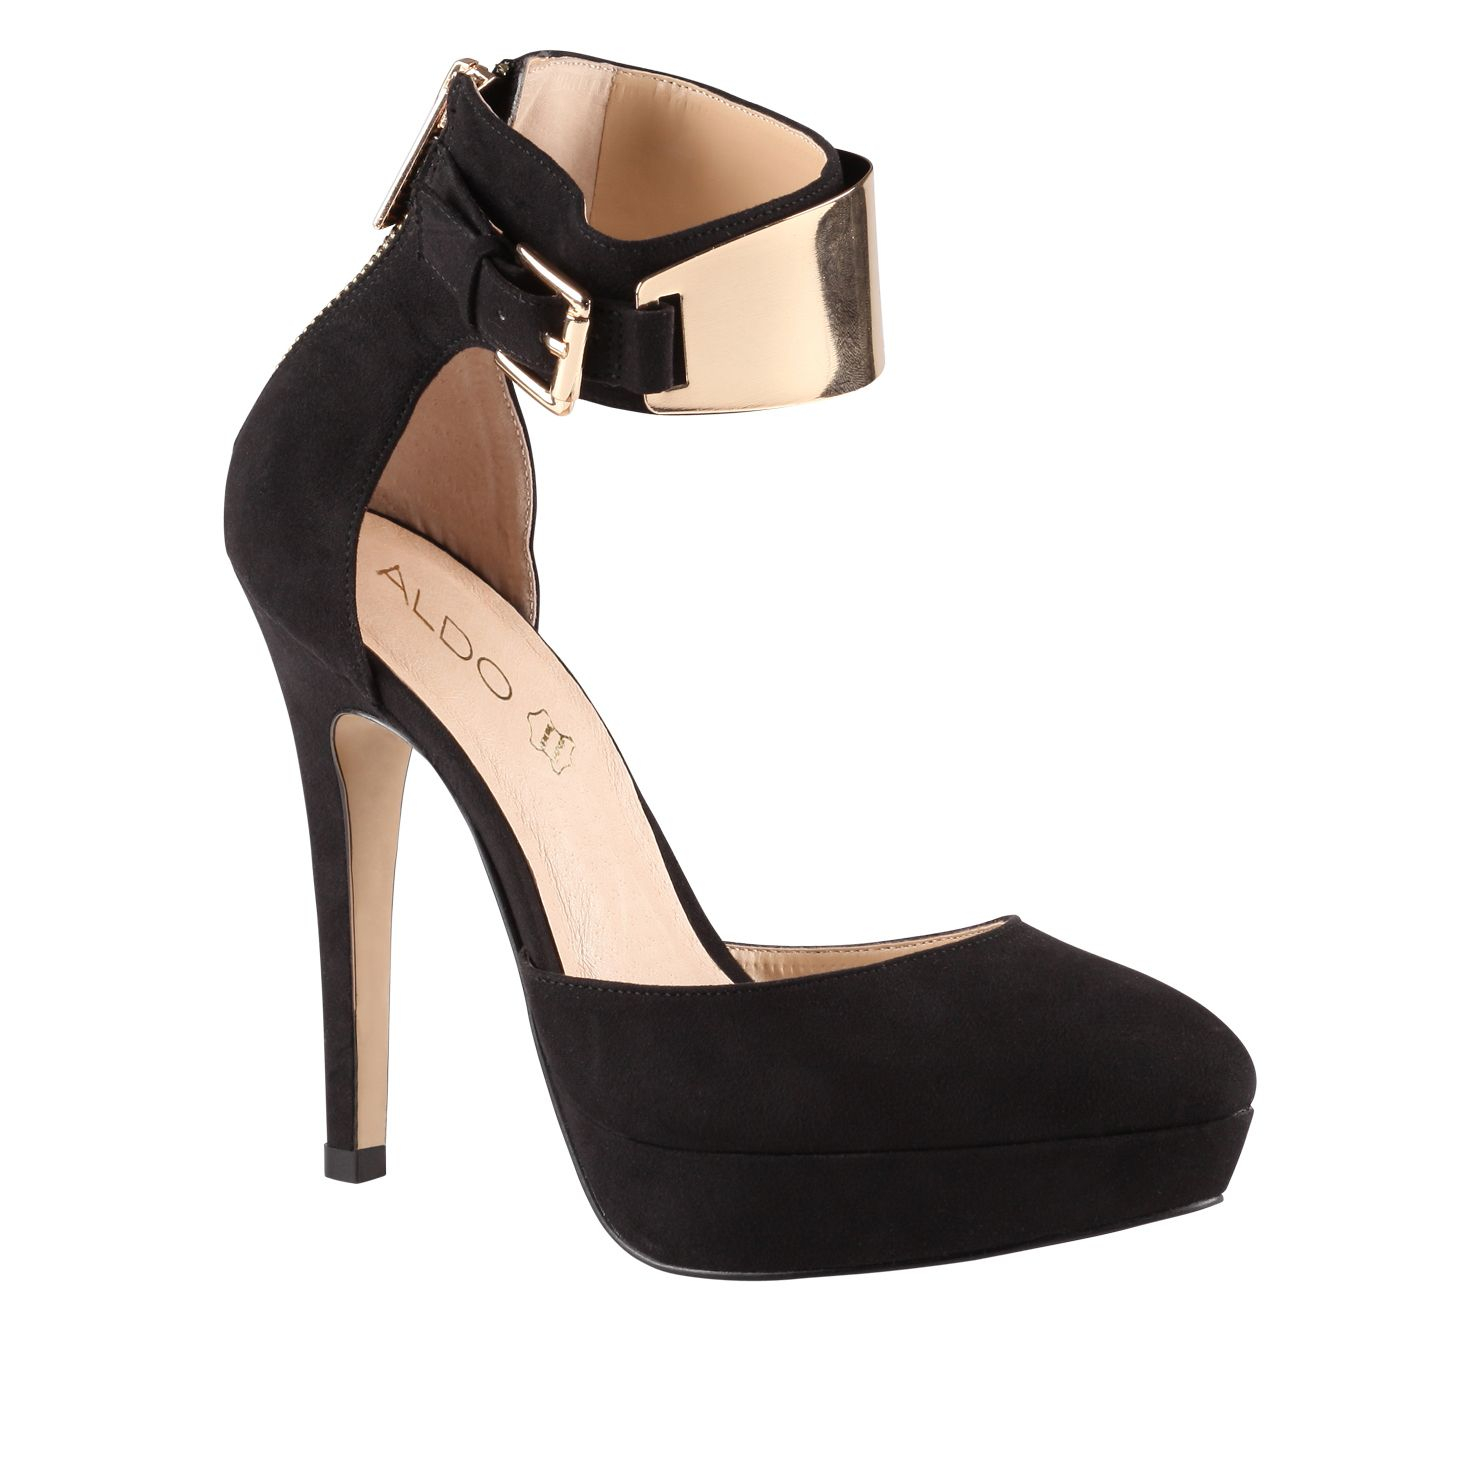 aldo dwaydien almond toe stilleto court shoes in metallic